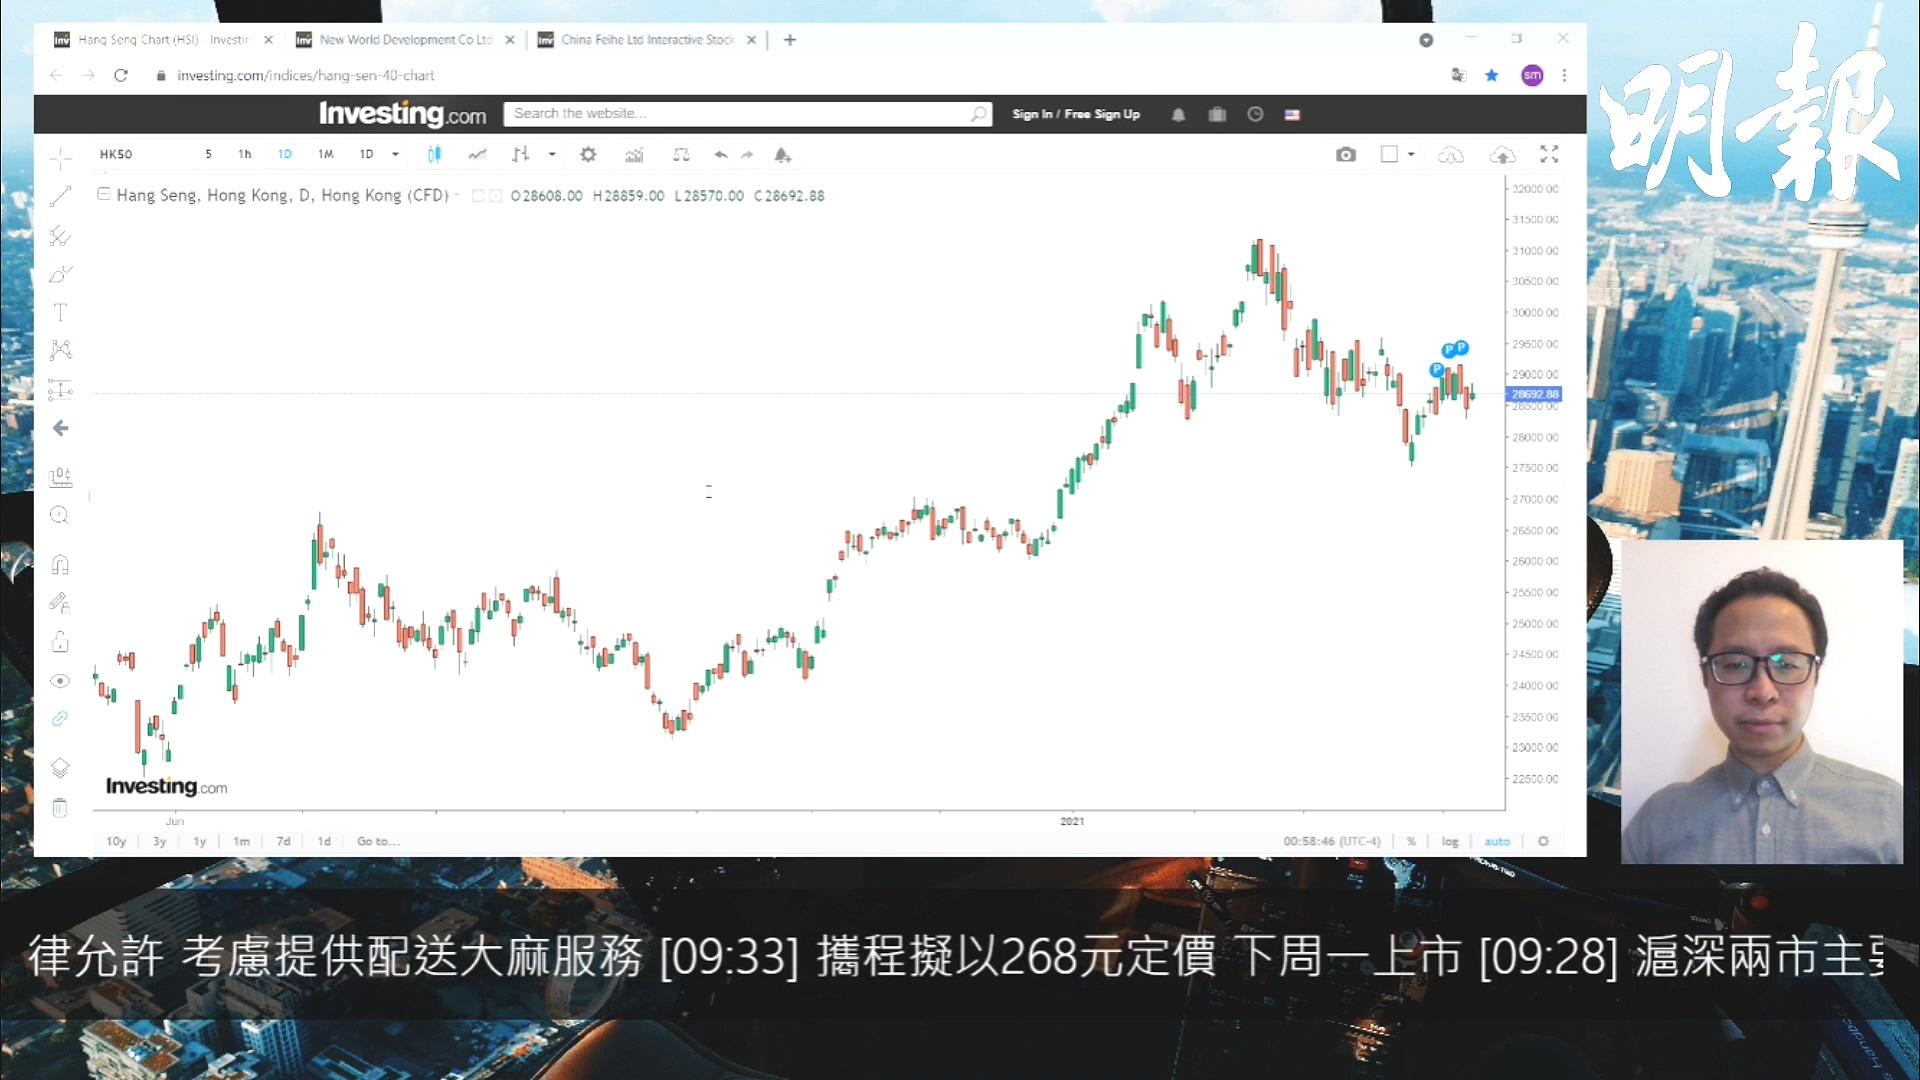 【有片:選股王】消費股受捧 飛鶴向好可取